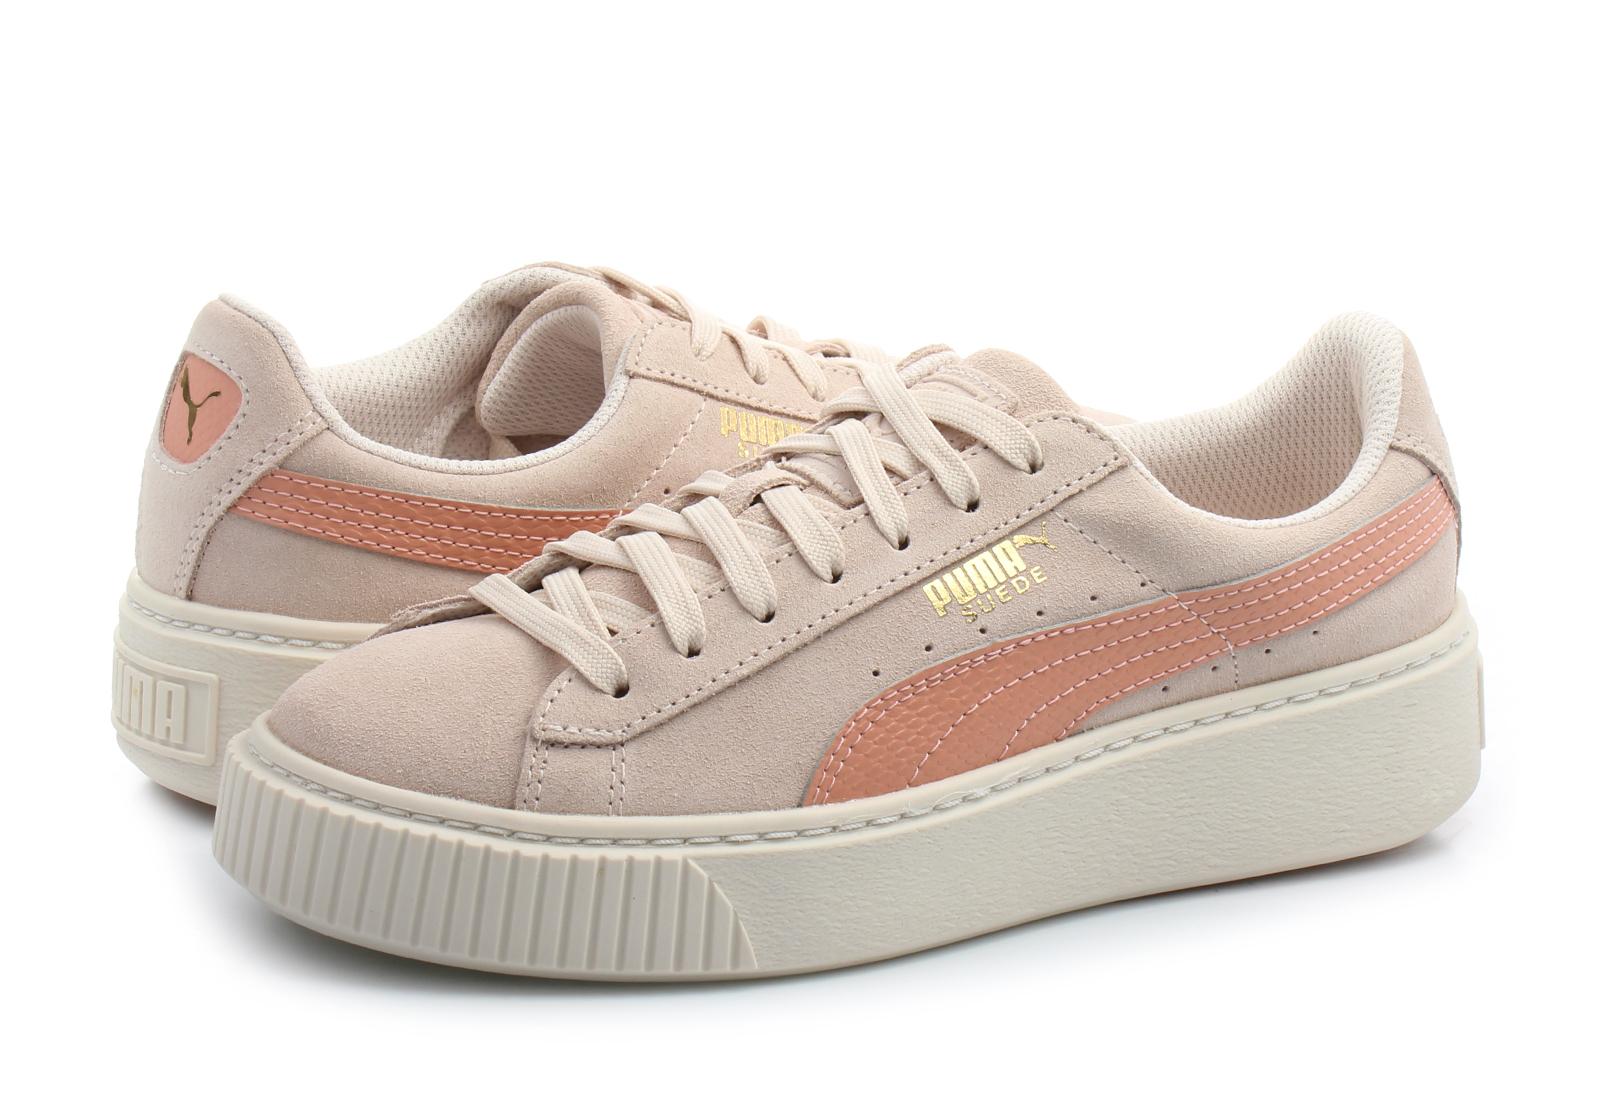 c52a0f6c3271 Puma Shoes - Suede Platform Snk Jr - 36390606-pnk - Online shop ...